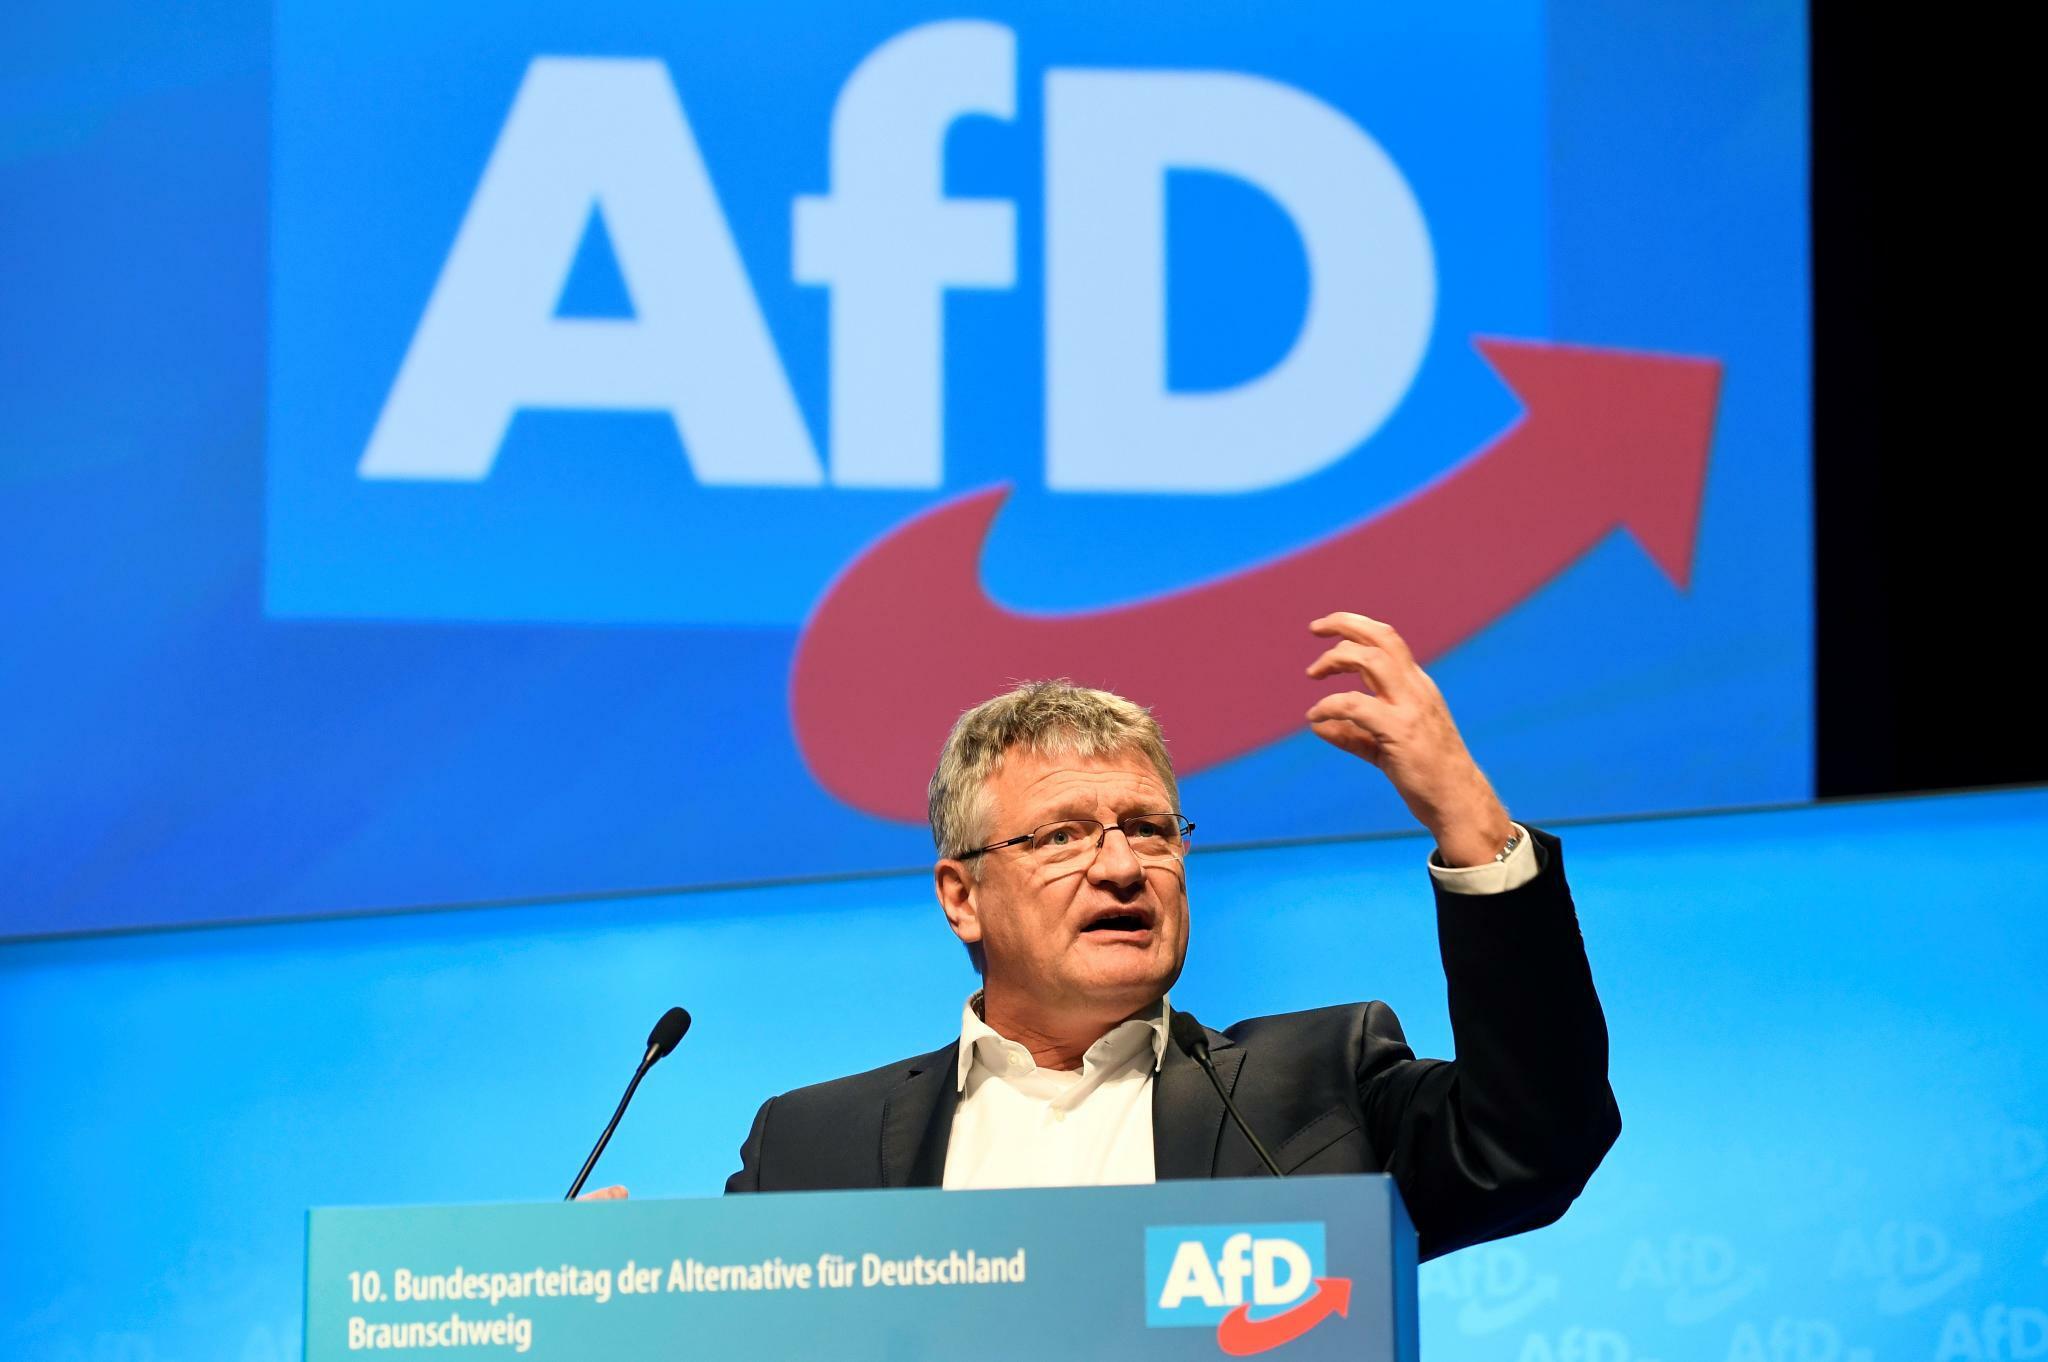 Rentendebatte: Höcke-Flügel attackiert AfD-Chef Meuthen